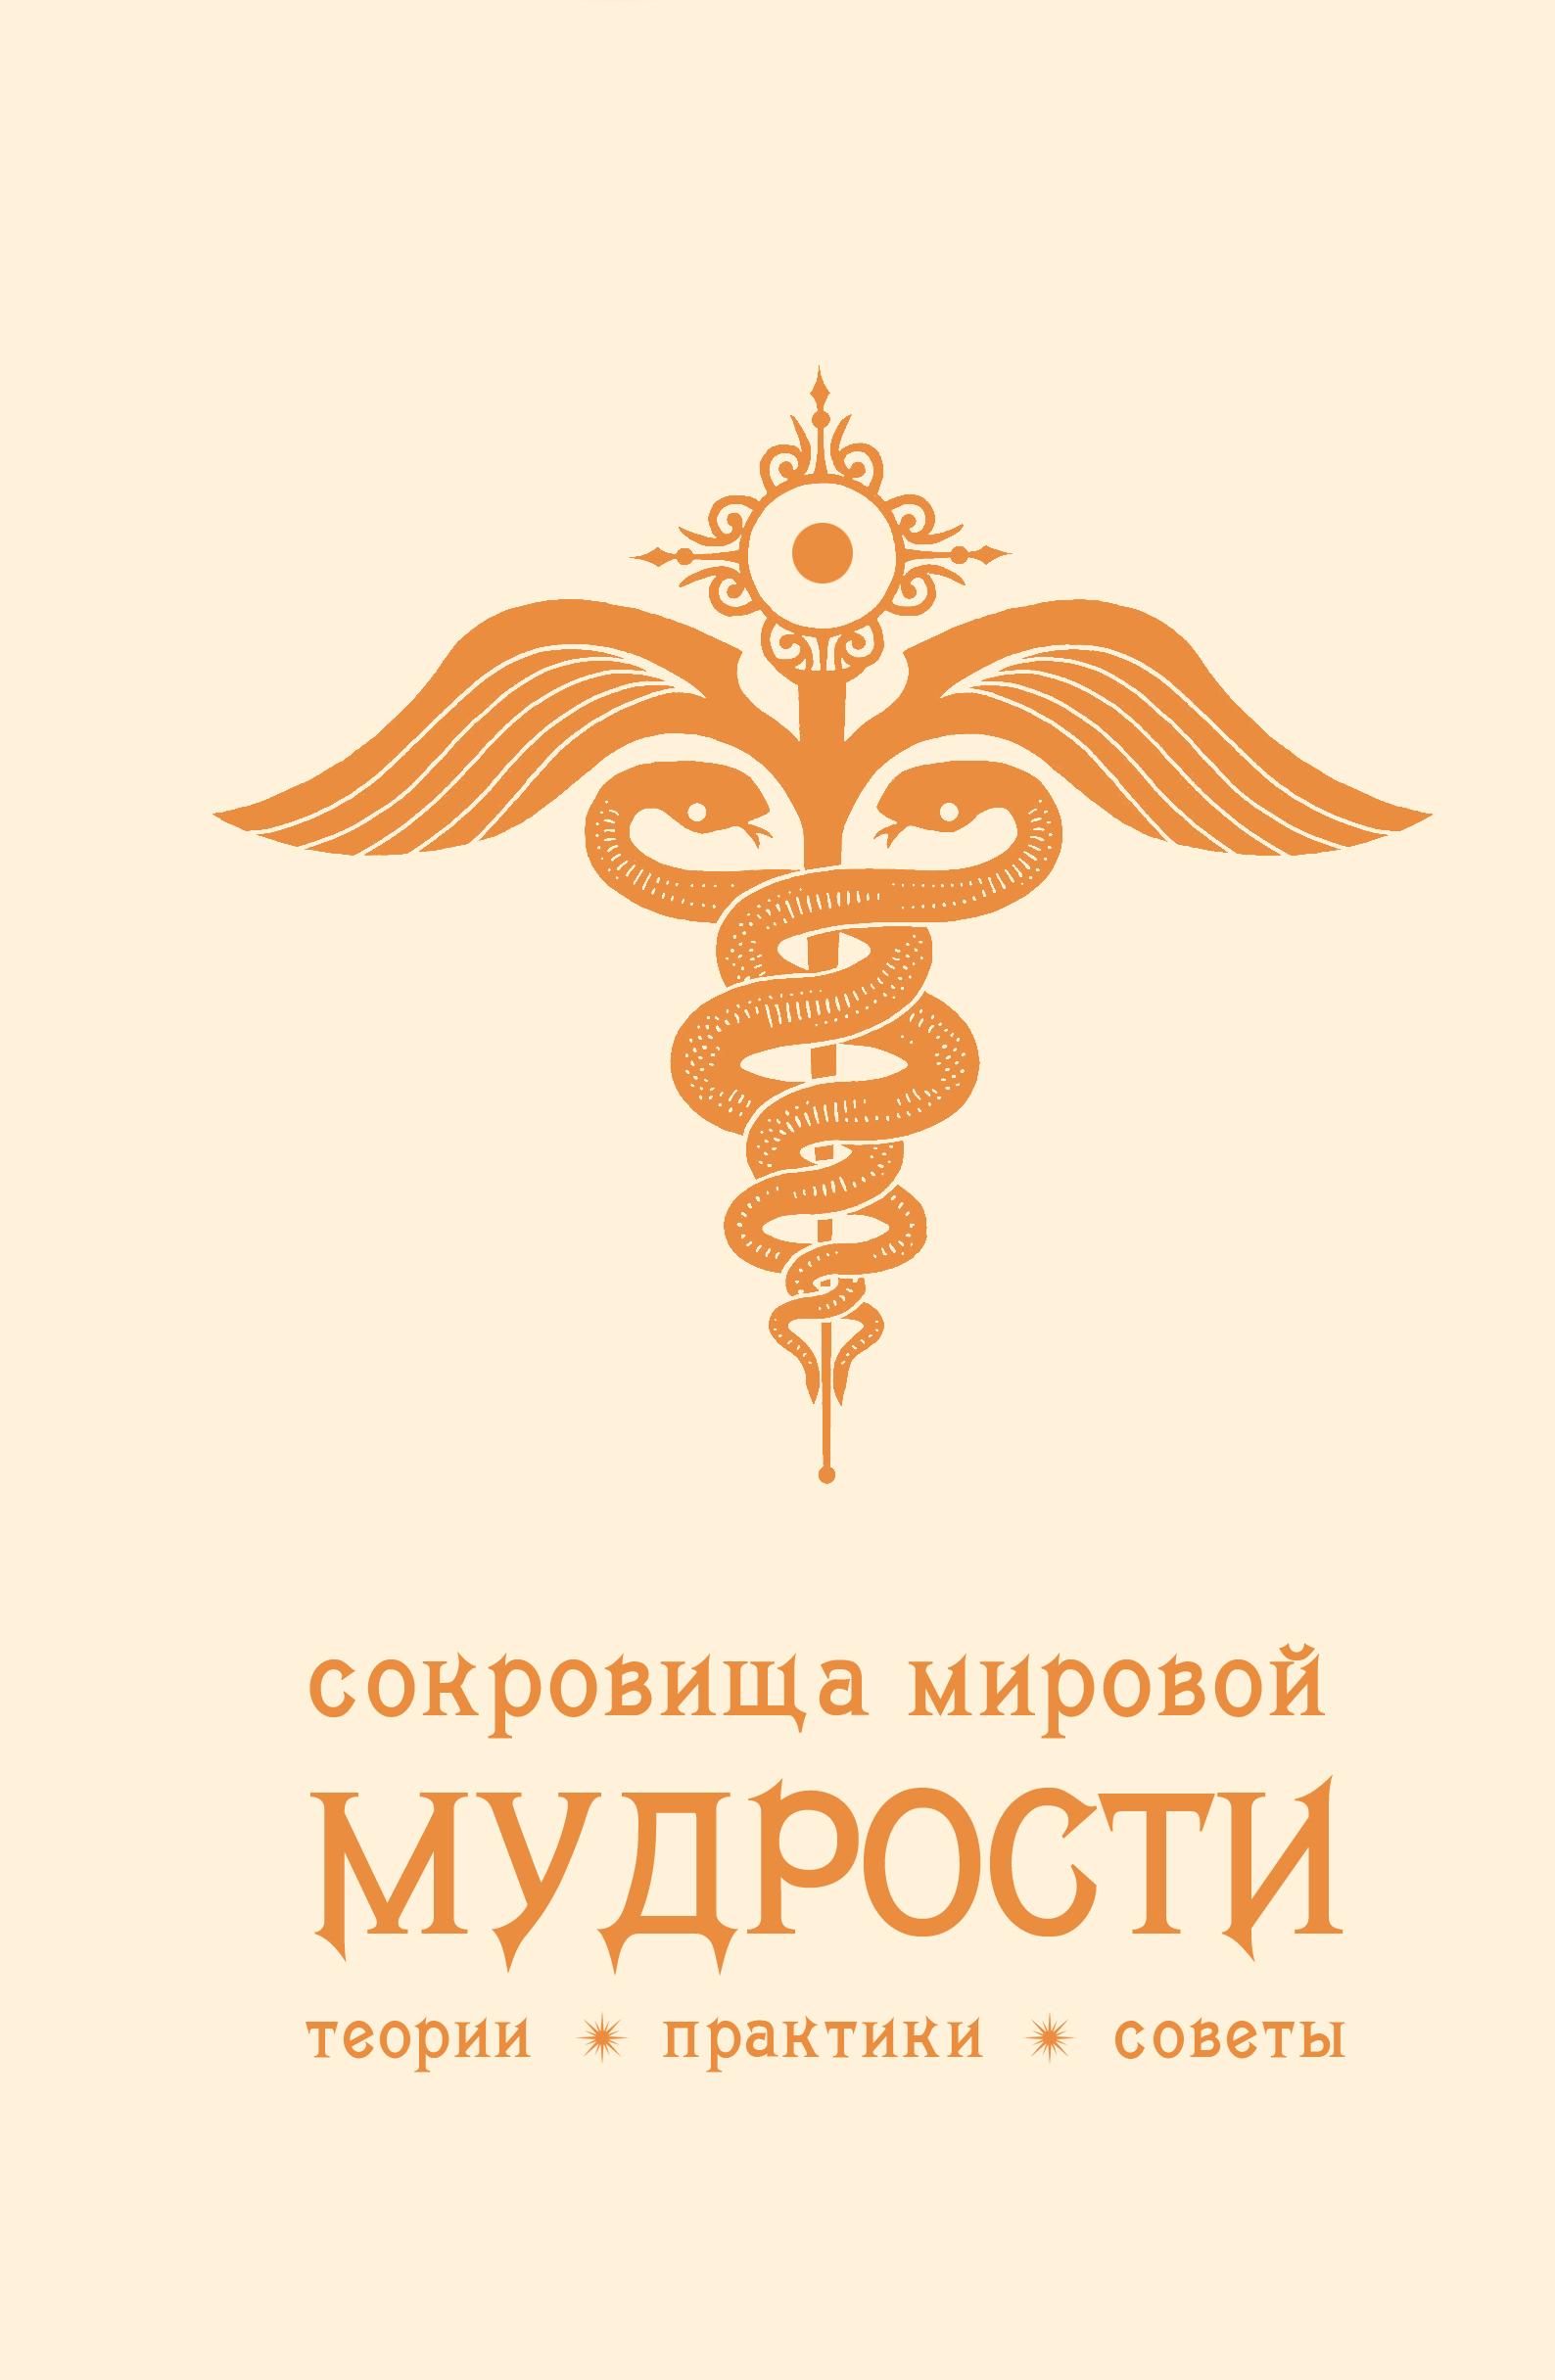 Купить Сокровища мировой мудрости: теории, практики, советы, Андрей Жалевич, 978-5-699-59425-2